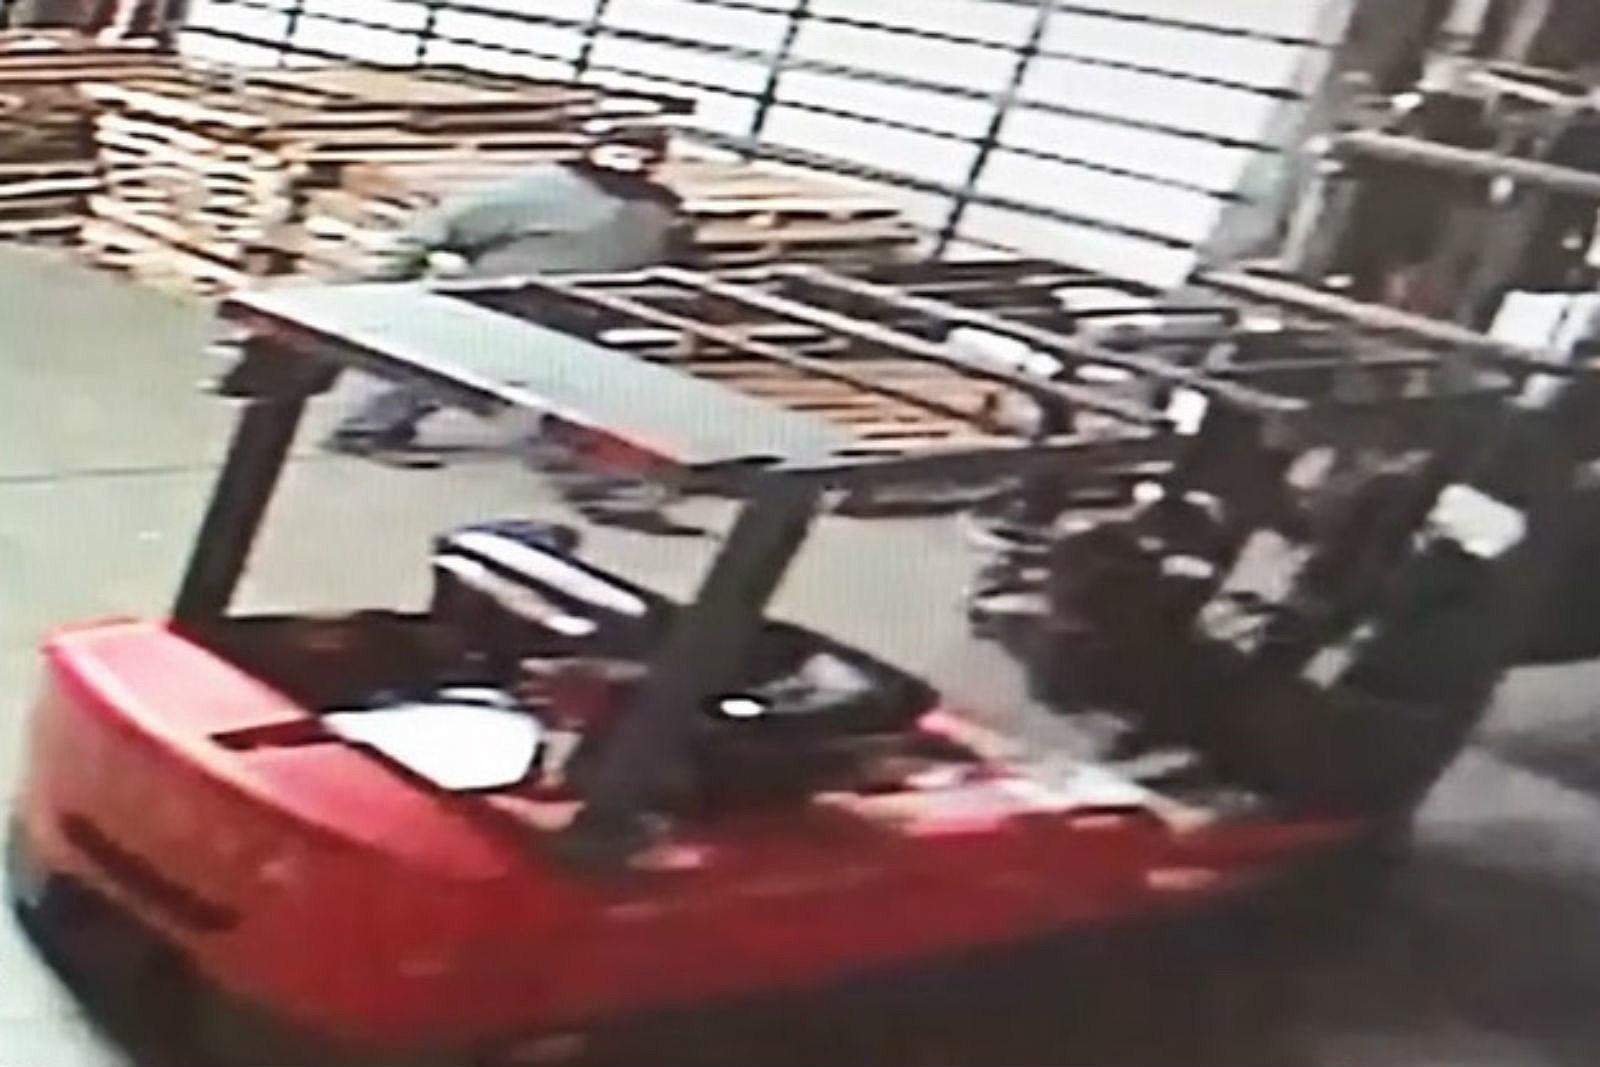 Cheyenne Welding Supply Store Burglarized [VIDEO]